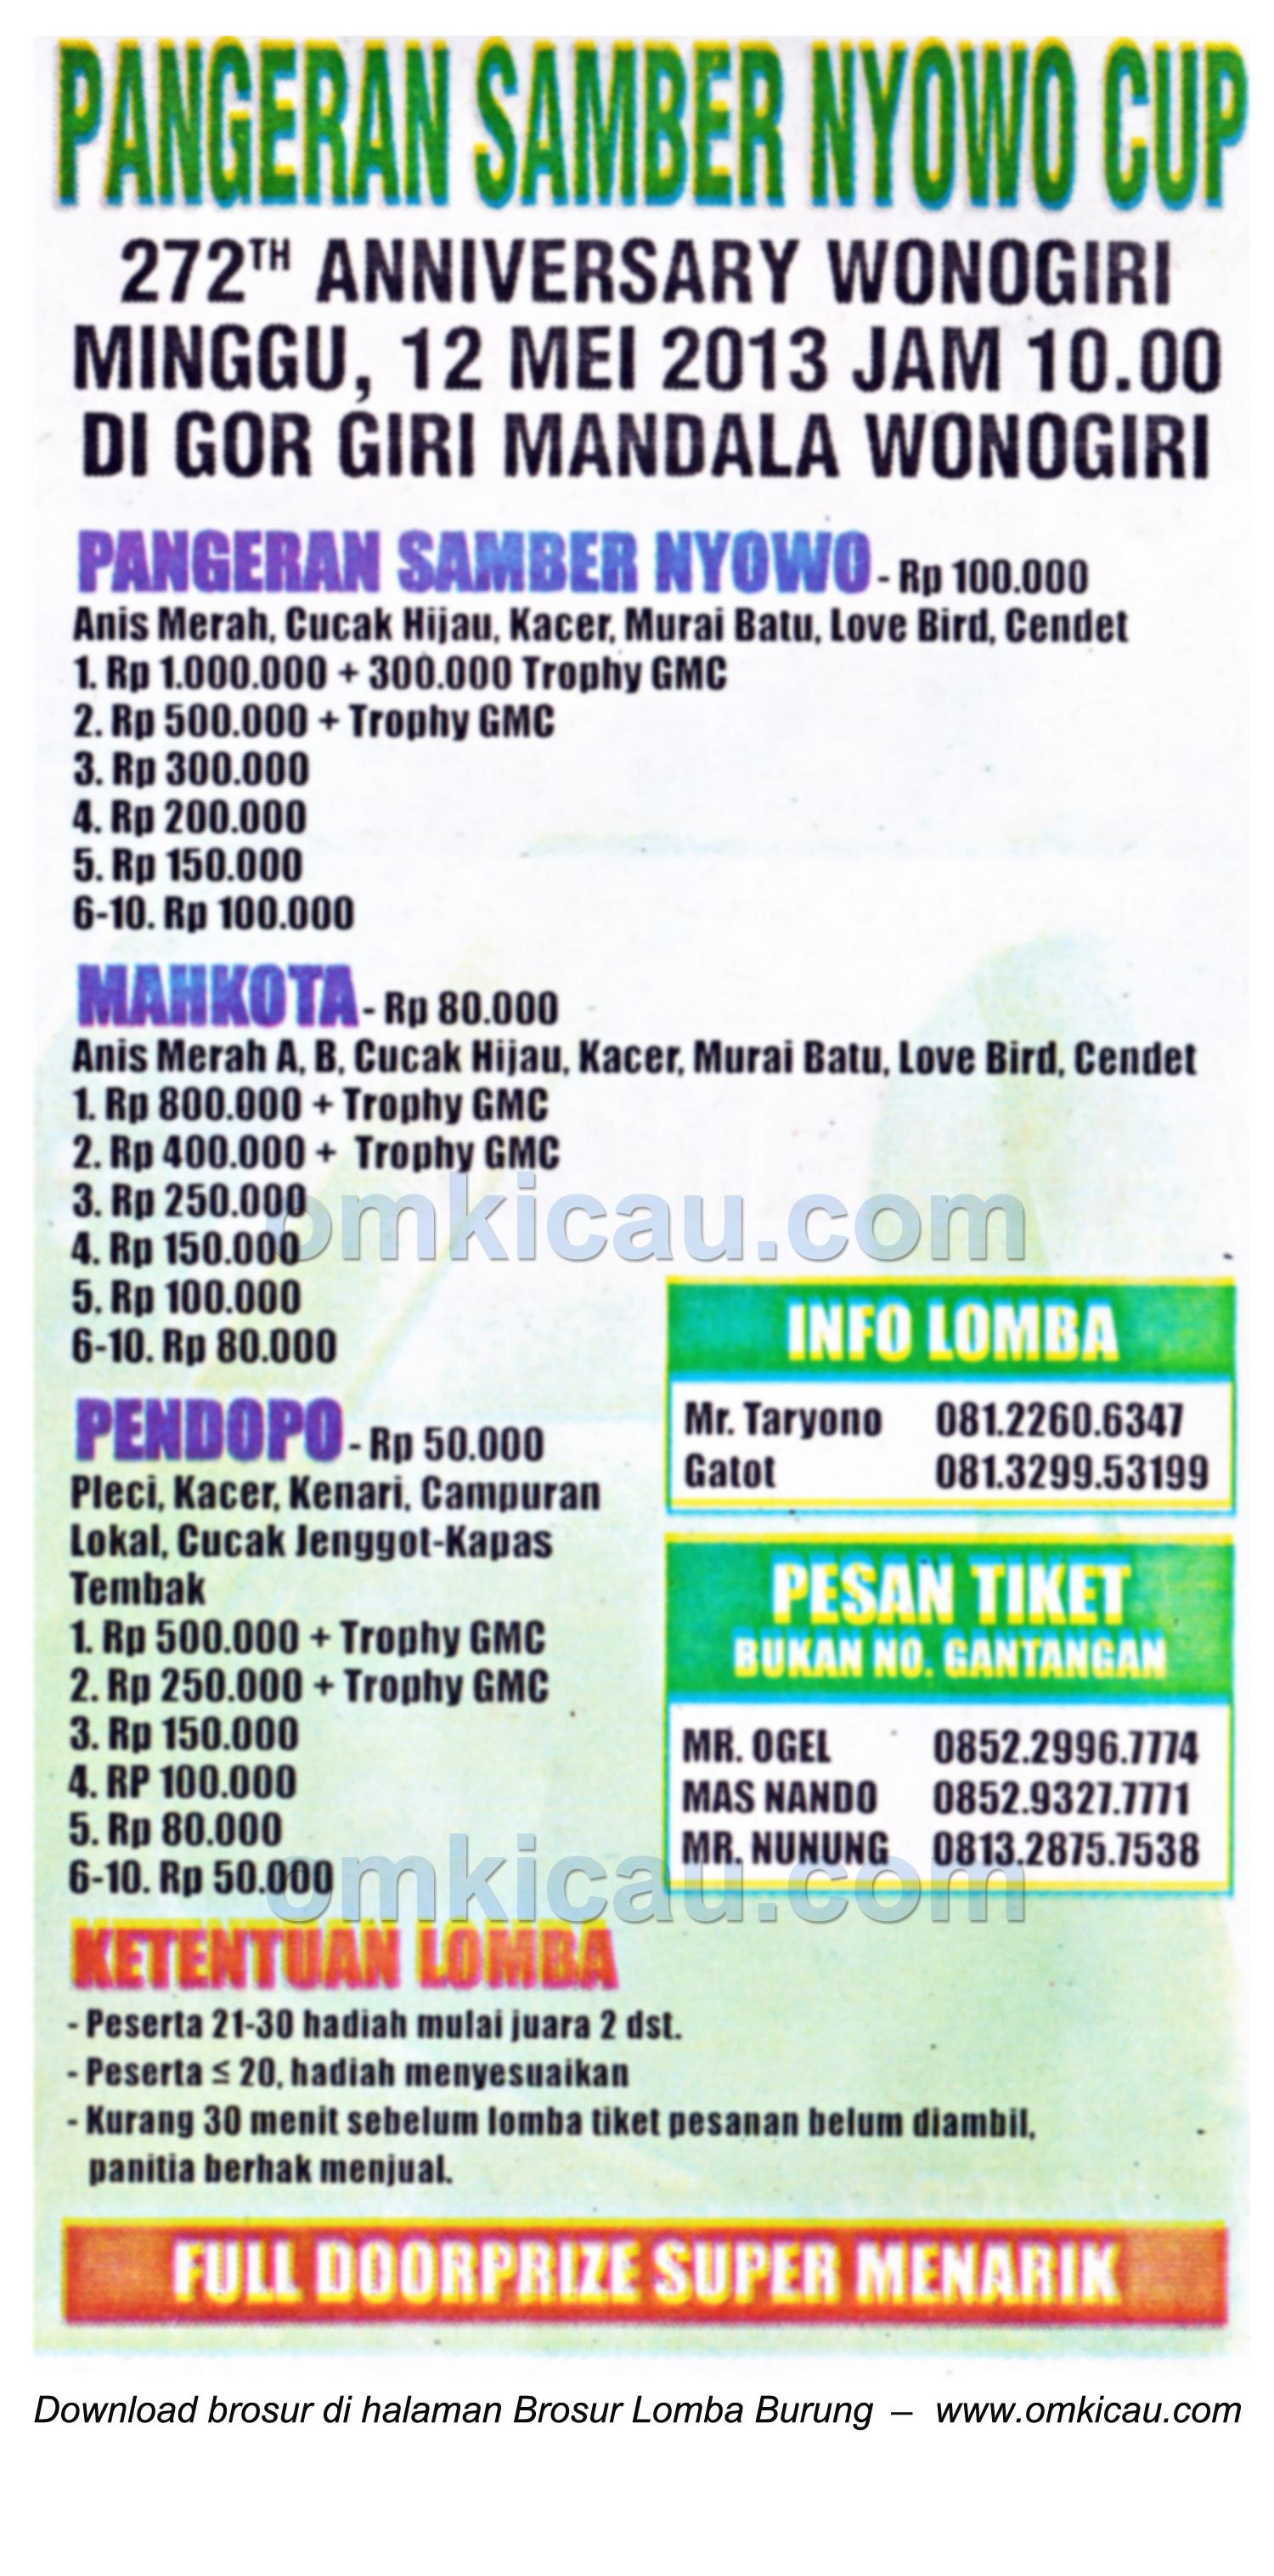 Brosur Lomba Burung Pangeran Samber Nyowo Cup, Wonogiri, 12 Mei 2013